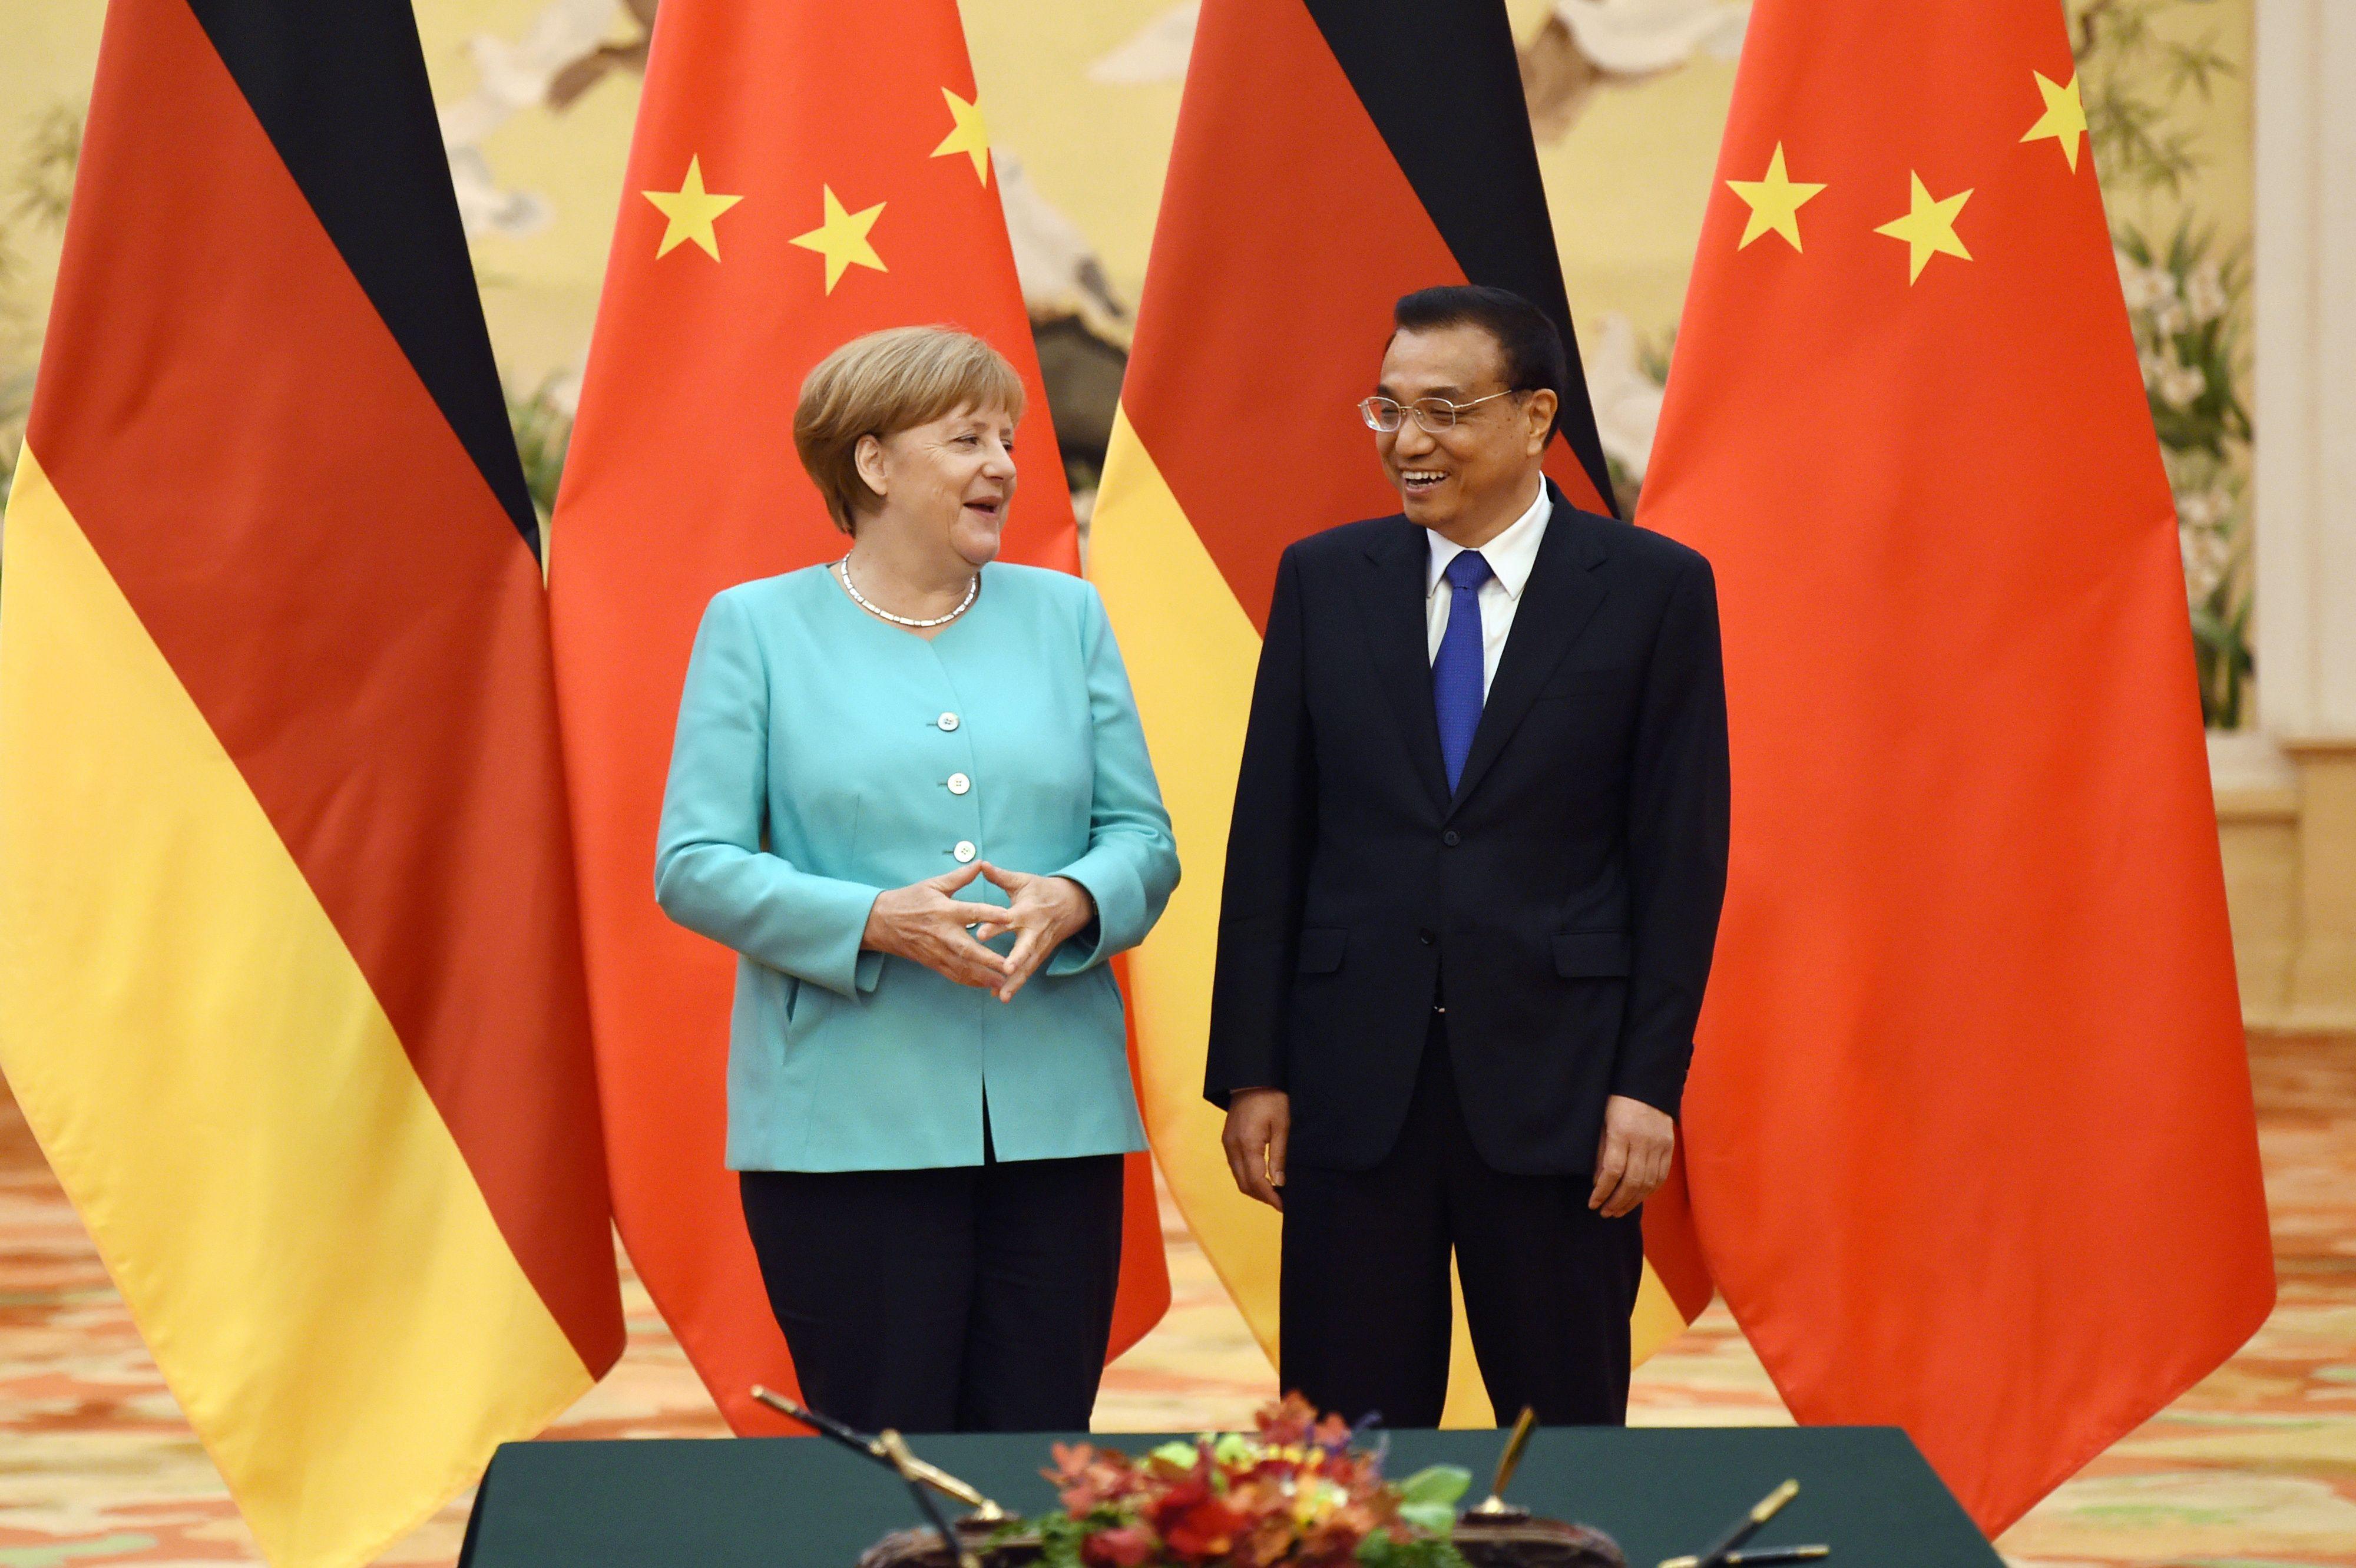 Comment le rapprochement Etats-Unis/Royaume-Uni pourrait bien provoquer celui de l'Allemagne et de la Chine